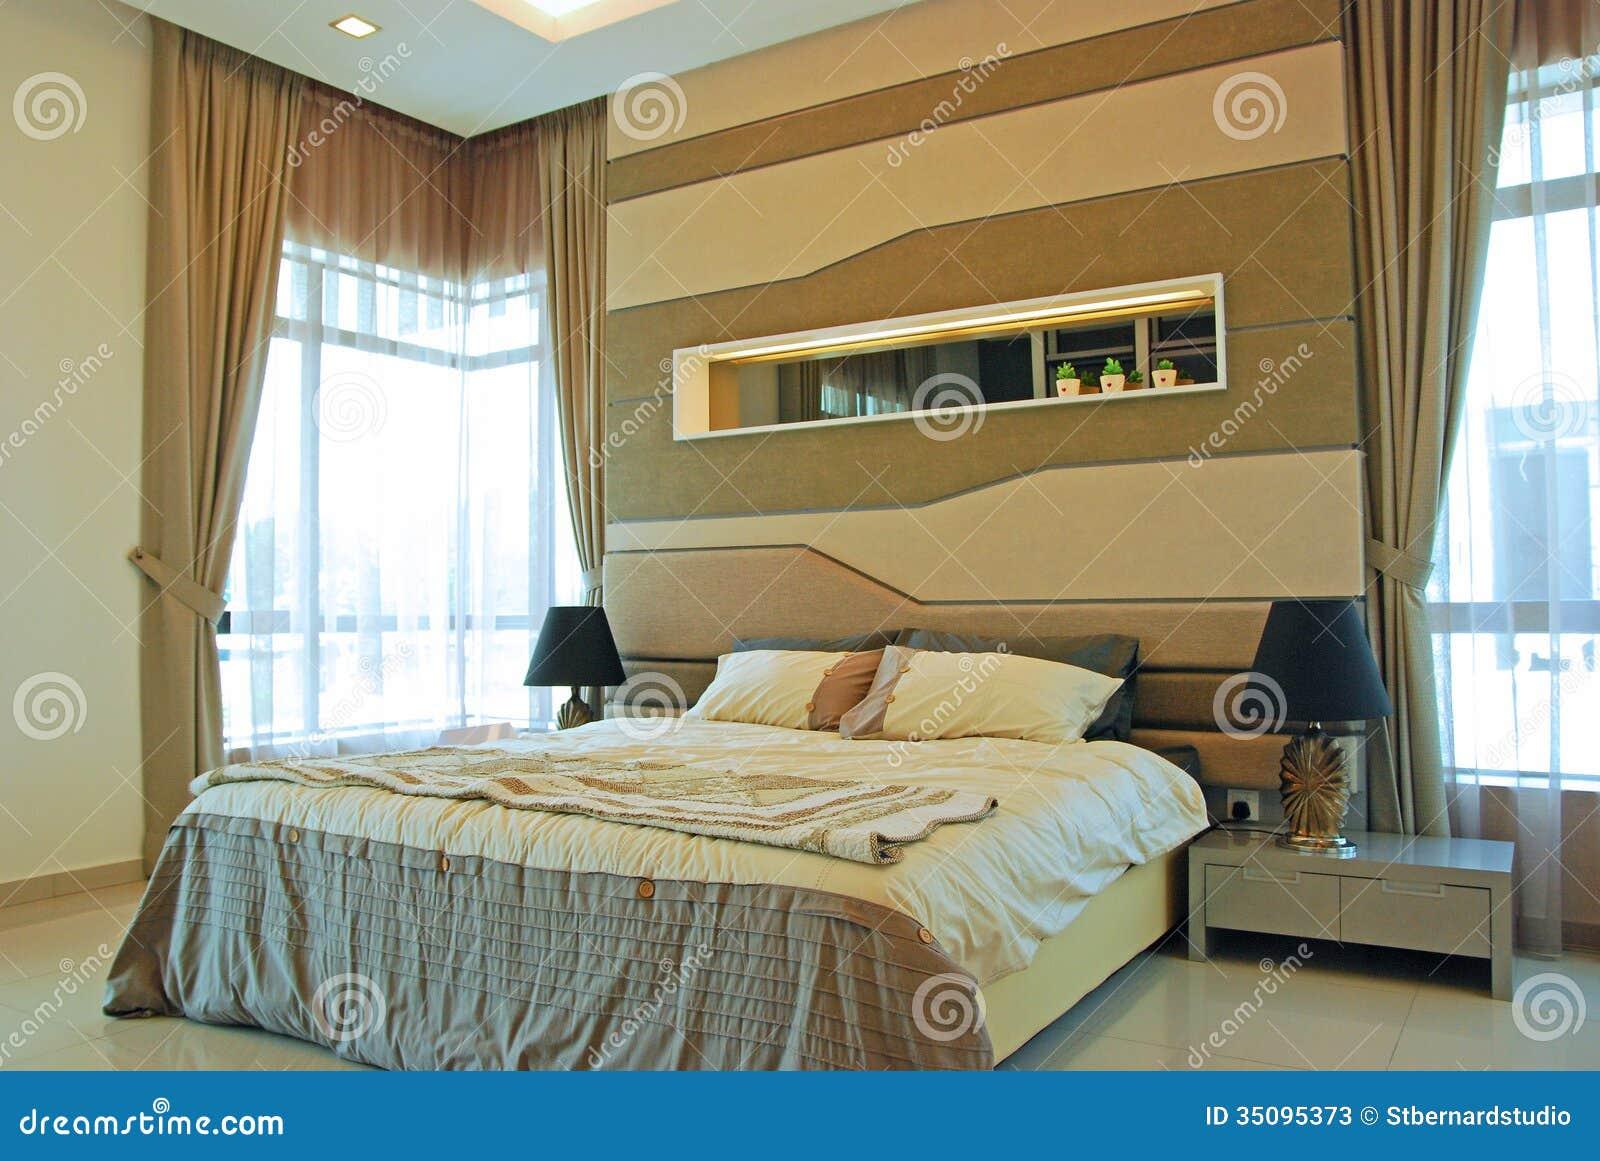 Dise o interior de dormitorio principal fotos de archivo - Dormitorio principal ...